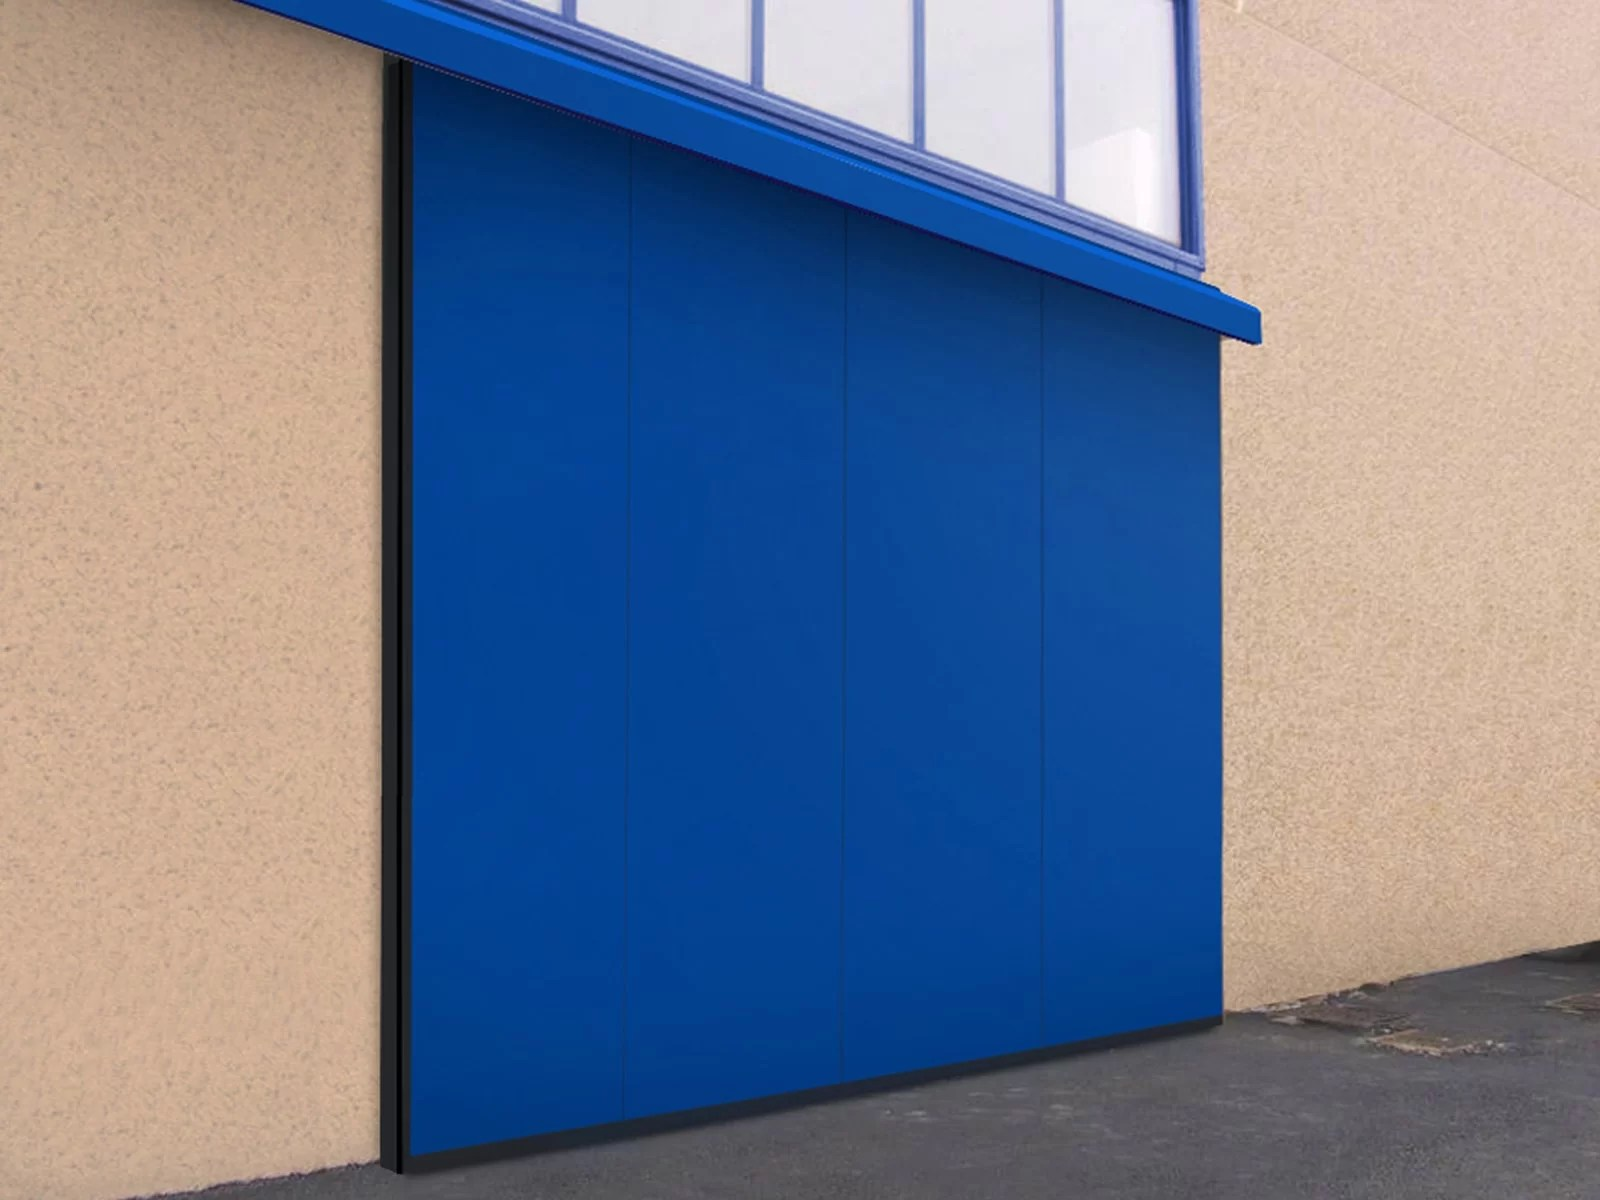 Portone scorrevole industriale ATLANTE - Blu RAL 5010